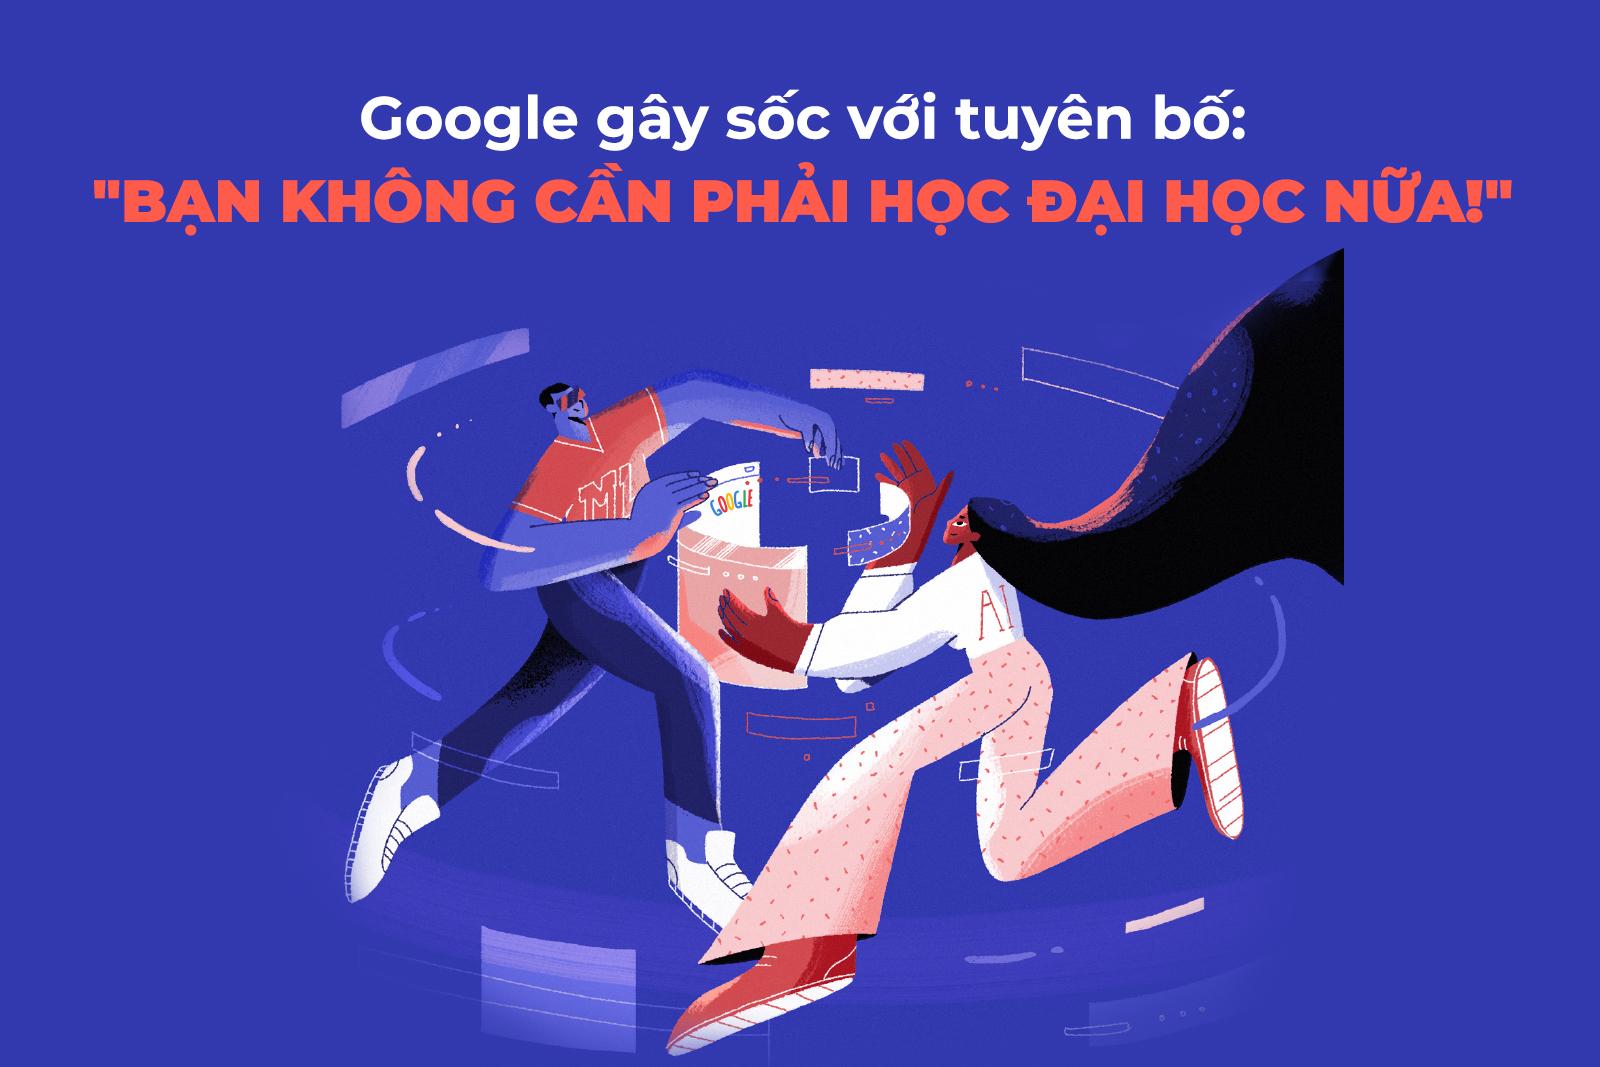 Google gây sốc khi tuyên bố bạn không cần phải học Đại học nữa nếu...